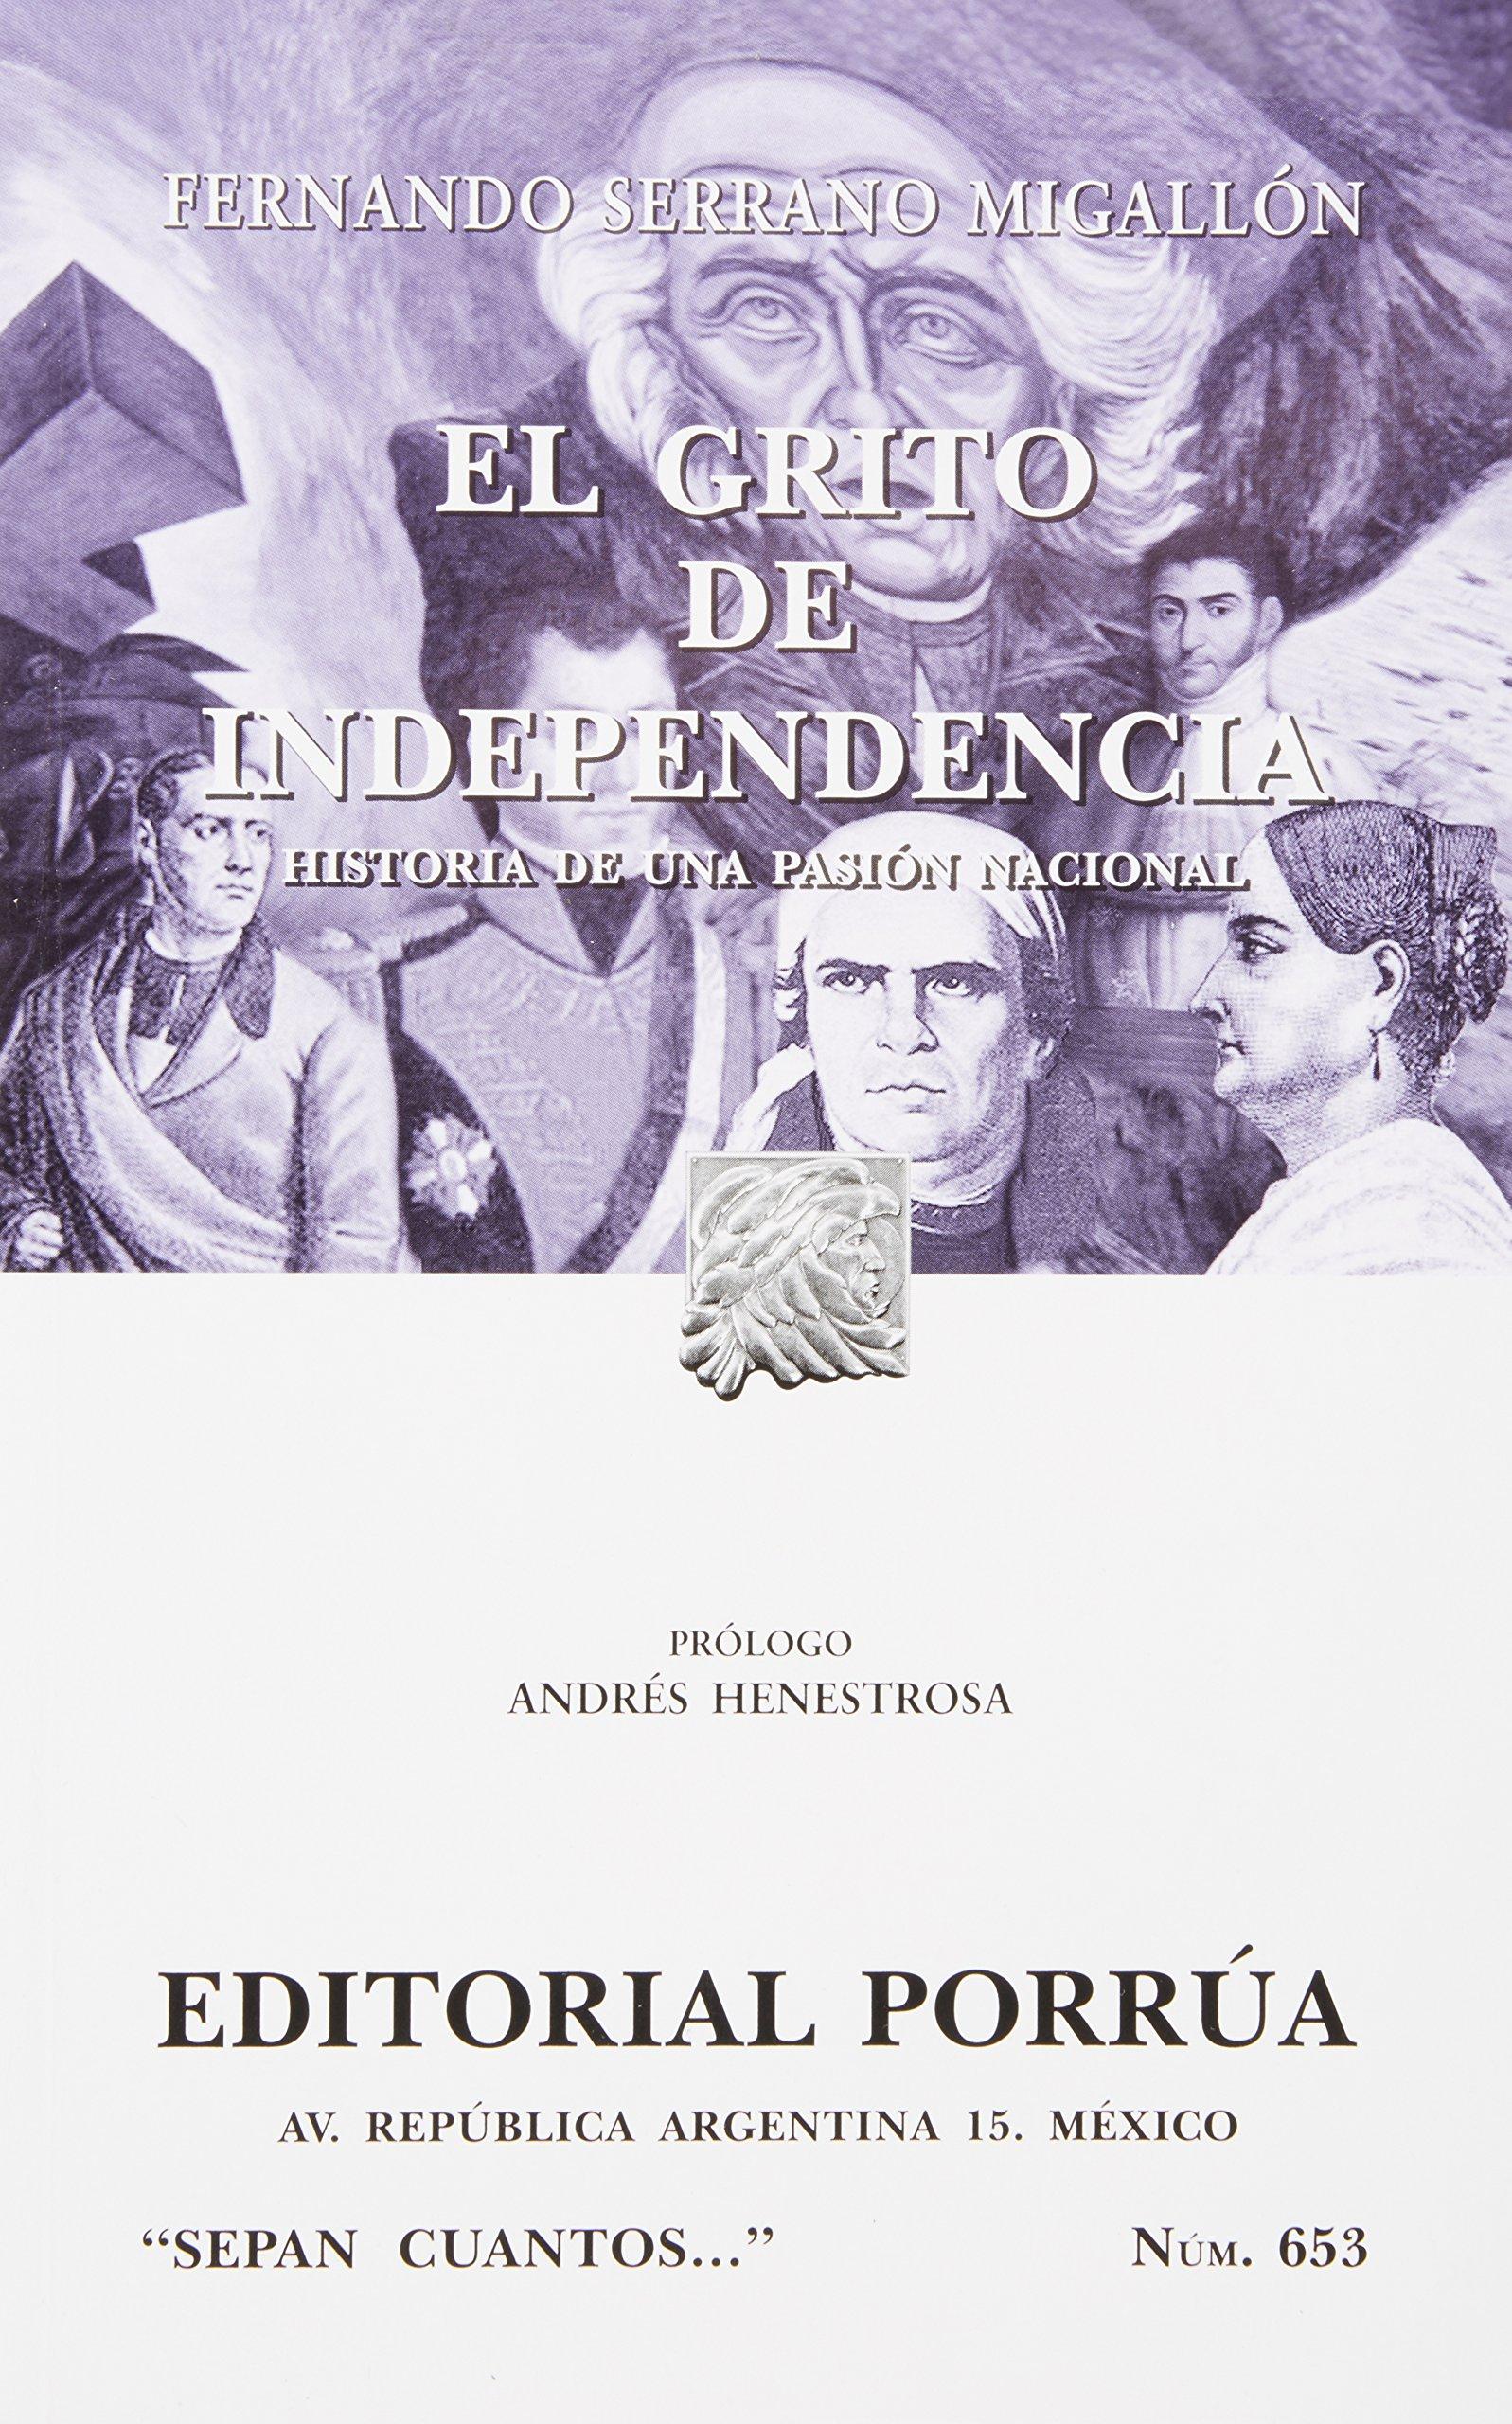 El Grito De Independencia Historia De Una Pasion (portada puede variar): Fernando Serrano Migallon, Editorial Porrúa S.A. de C.V.: Amazon.com.mx: Libros